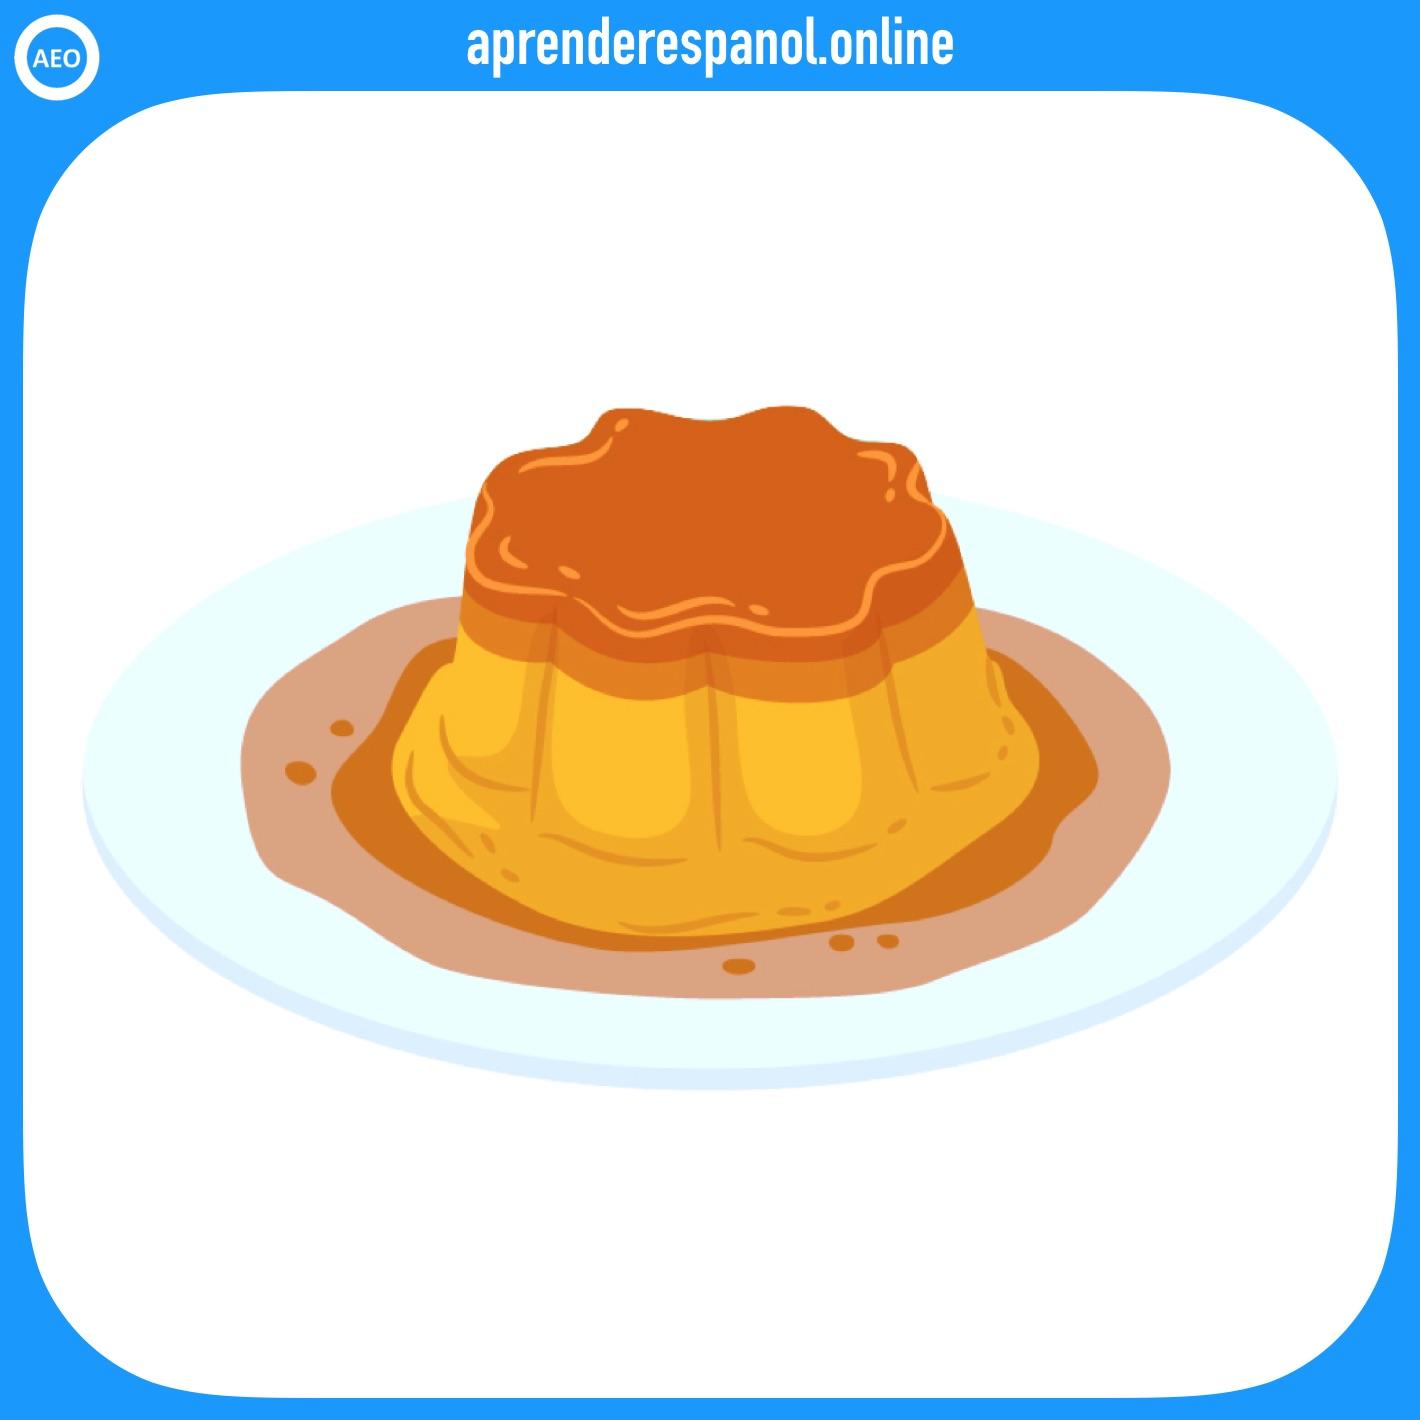 flan   postres y dulces en español   vocabulario de los postres en español